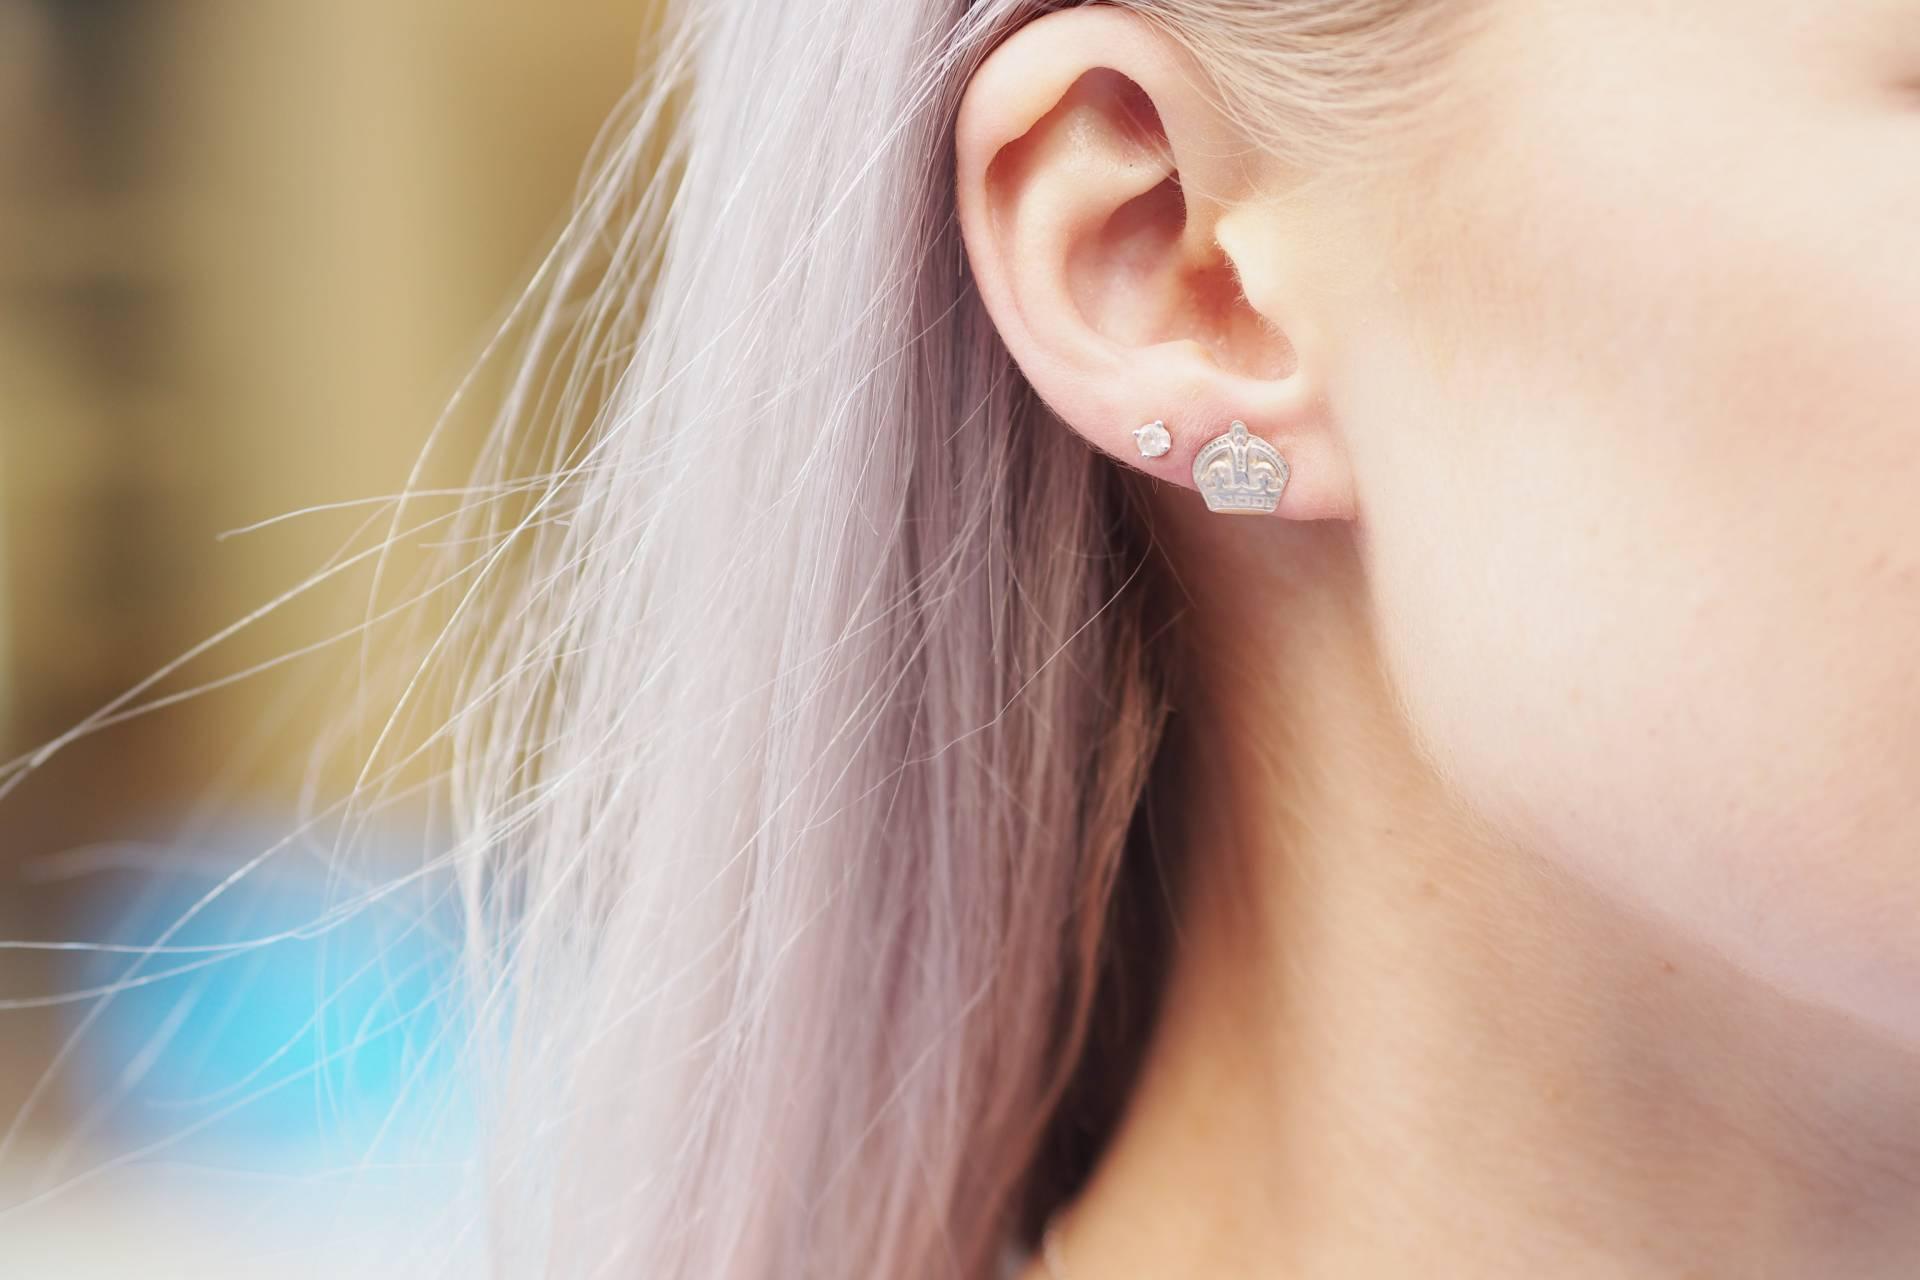 pip jolley earrings